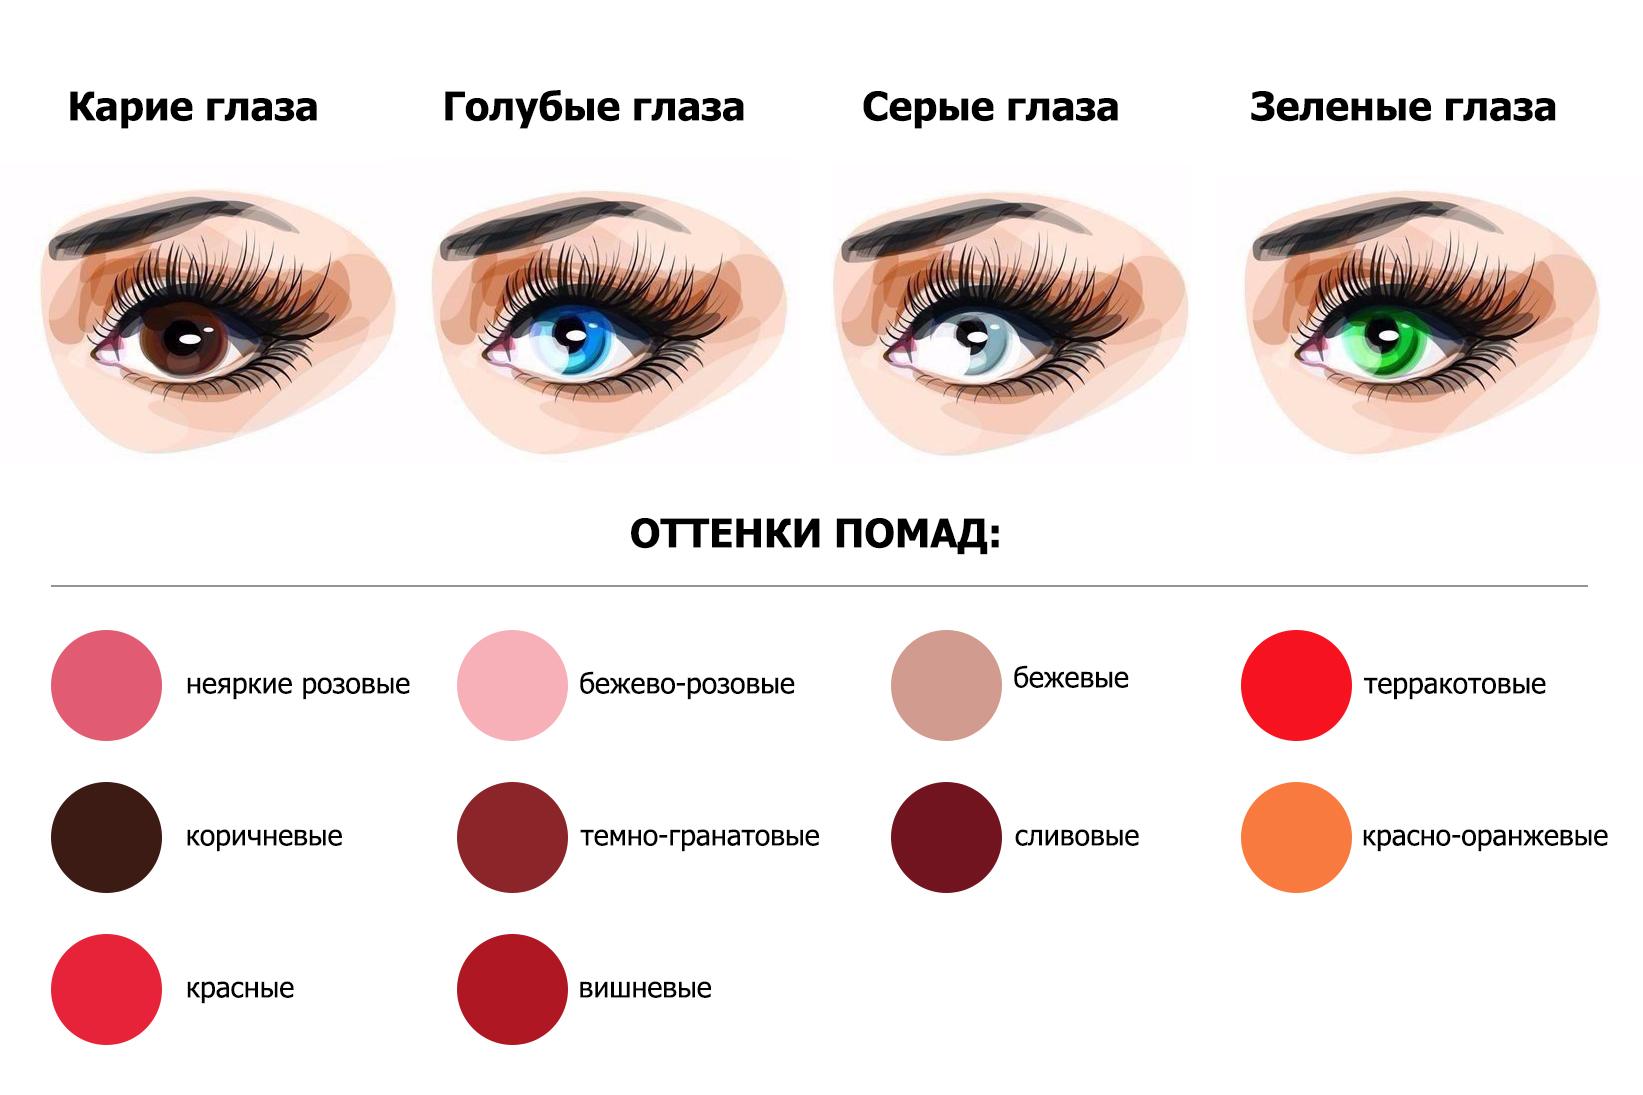 Какая помада подходит к карим глазам и русым волосам